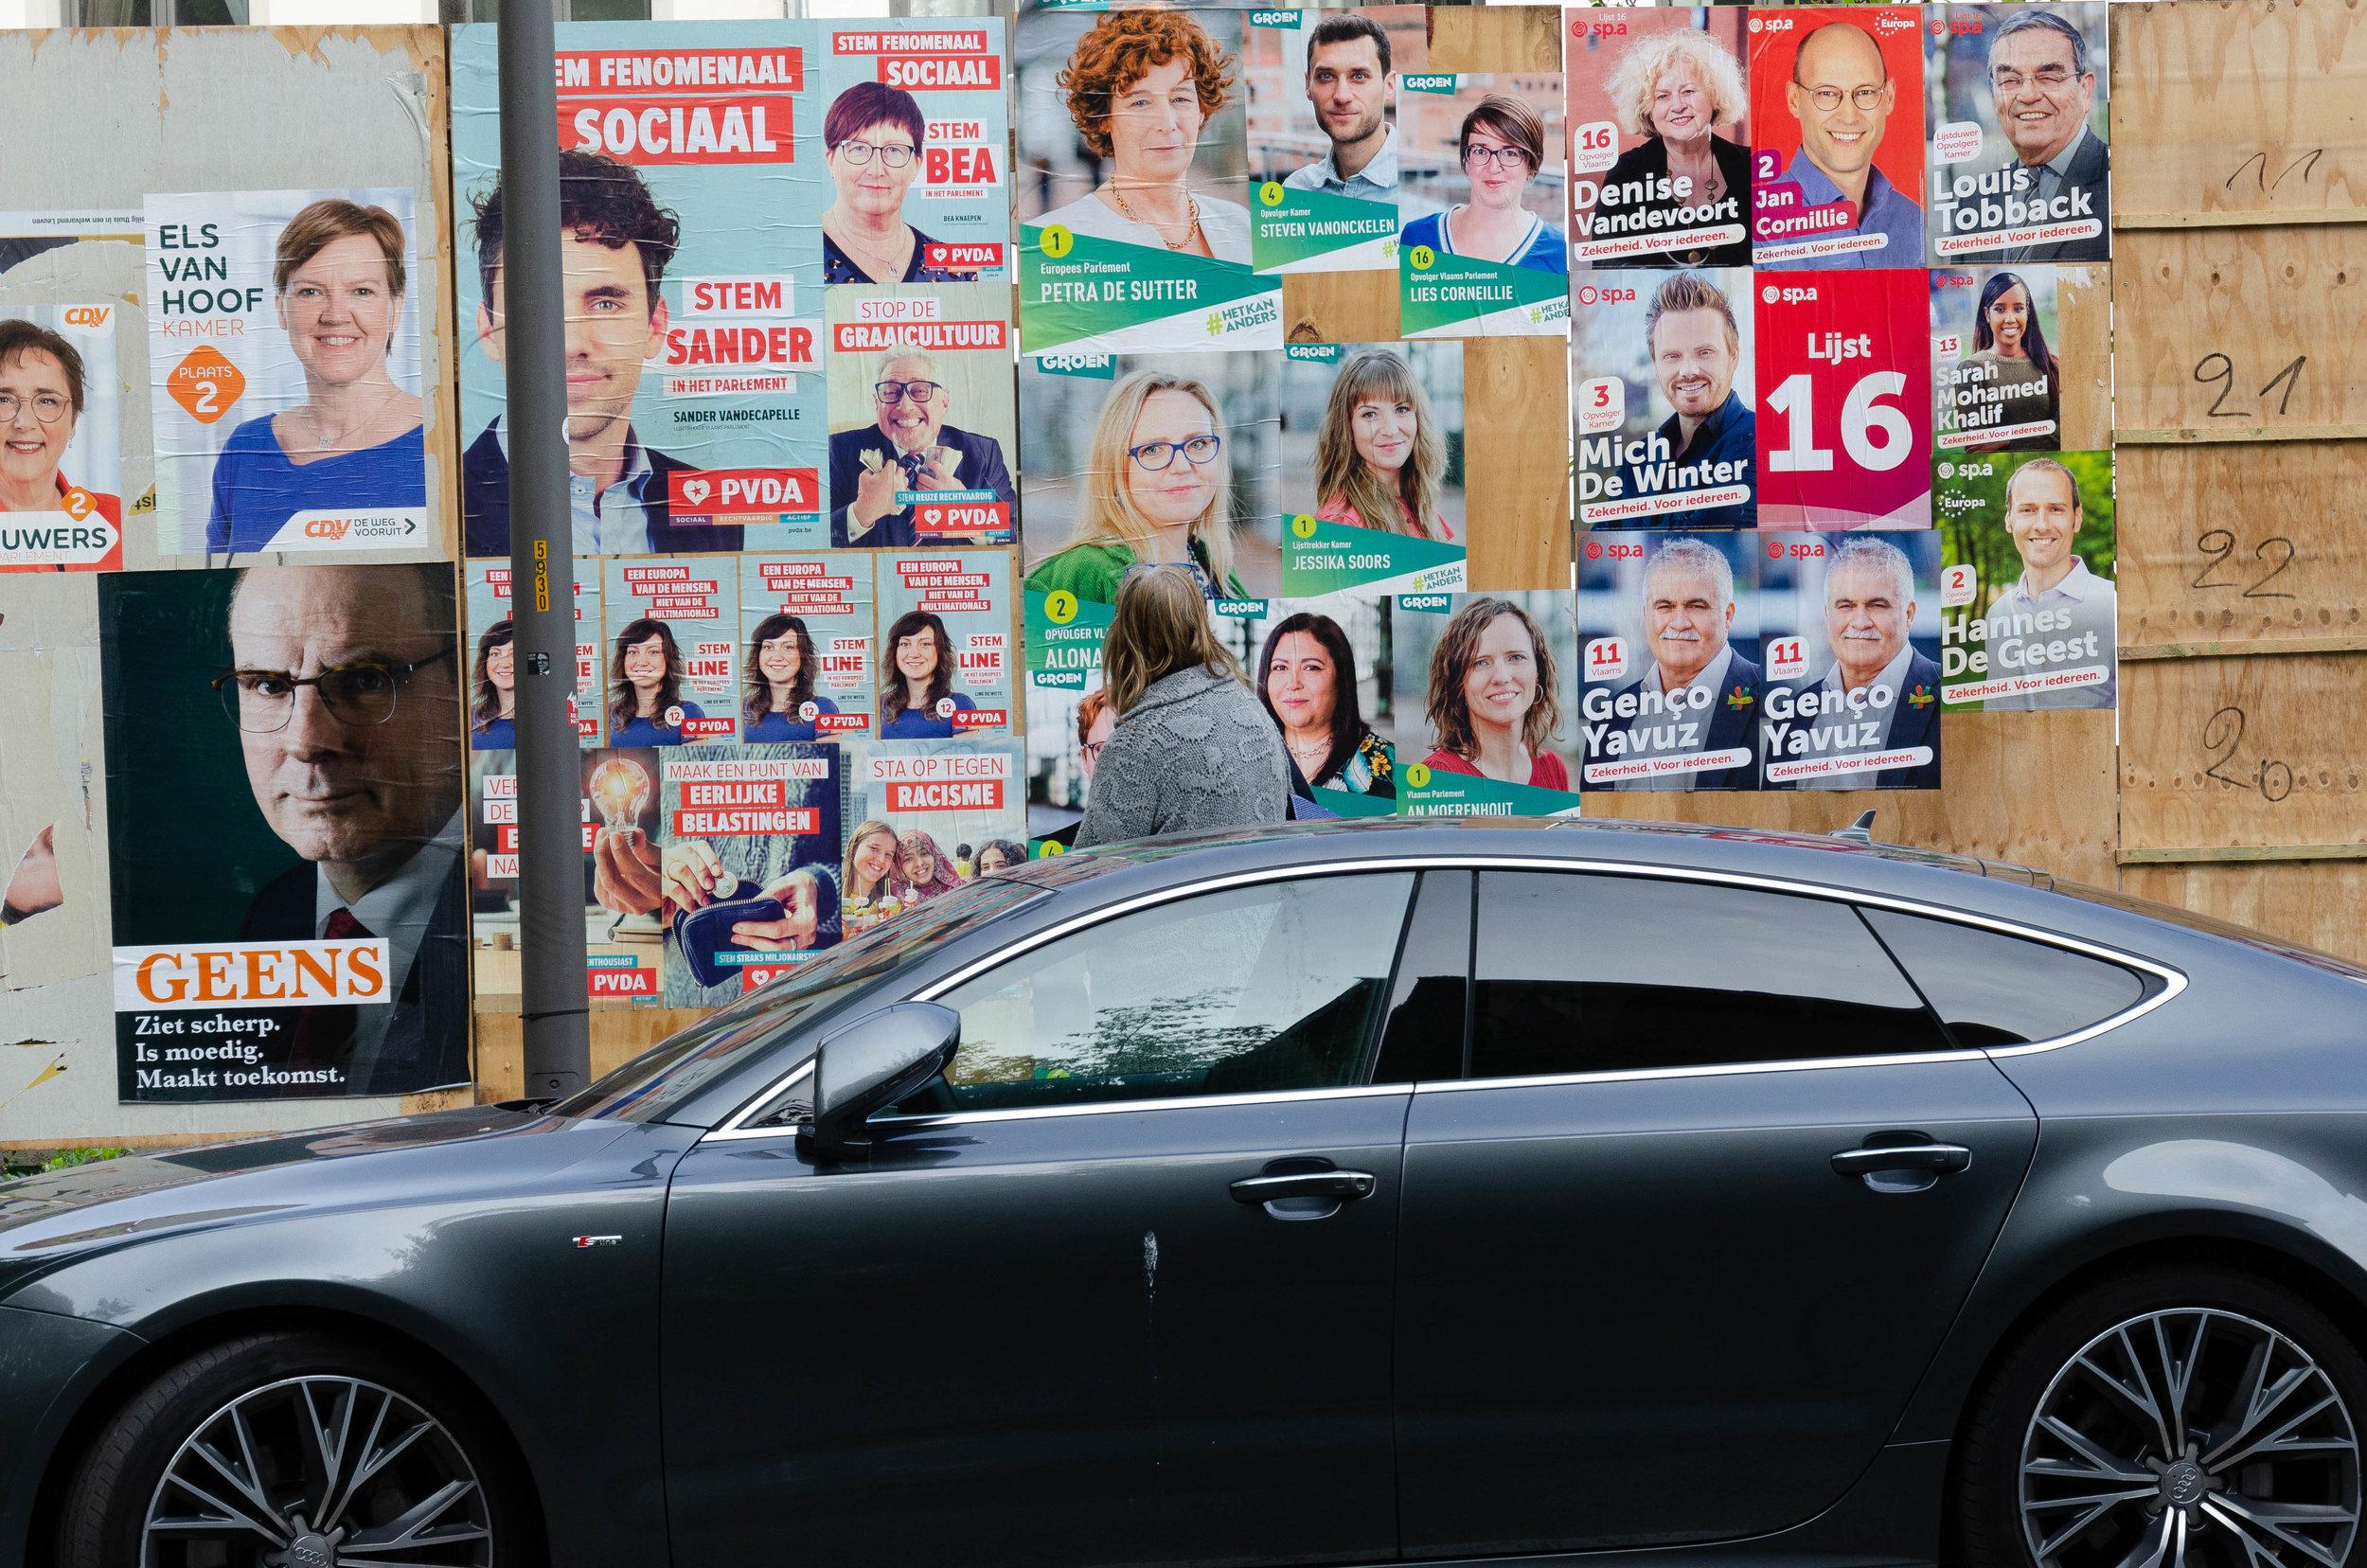 Frauke_Verkiezing-20.jpg